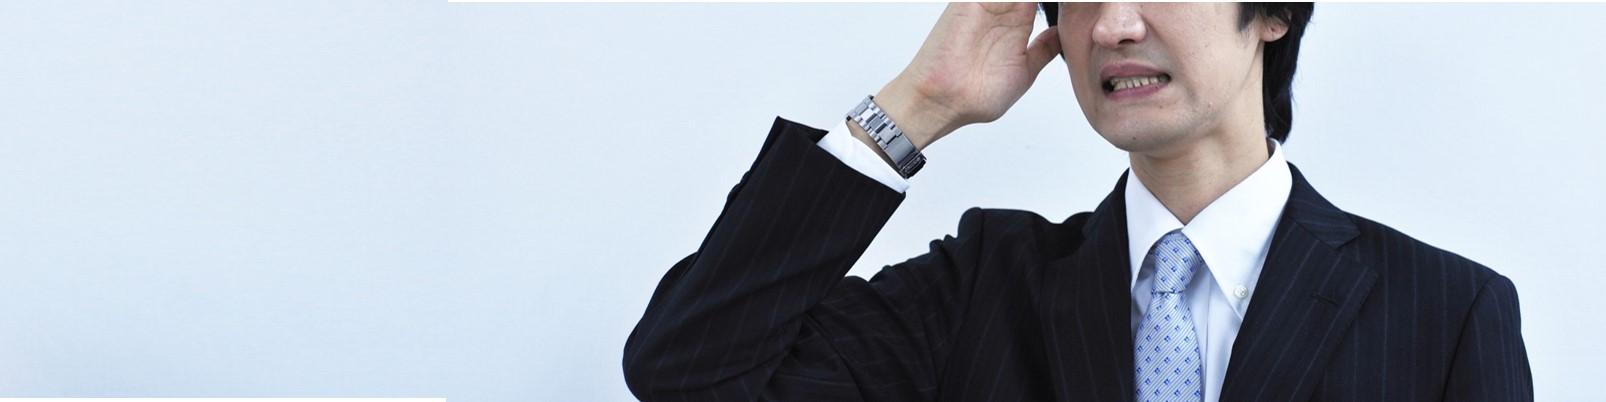 """コラム_職場のストレスマネジメント_対人関係編_""""苦手な人""""は最良の先生になる"""